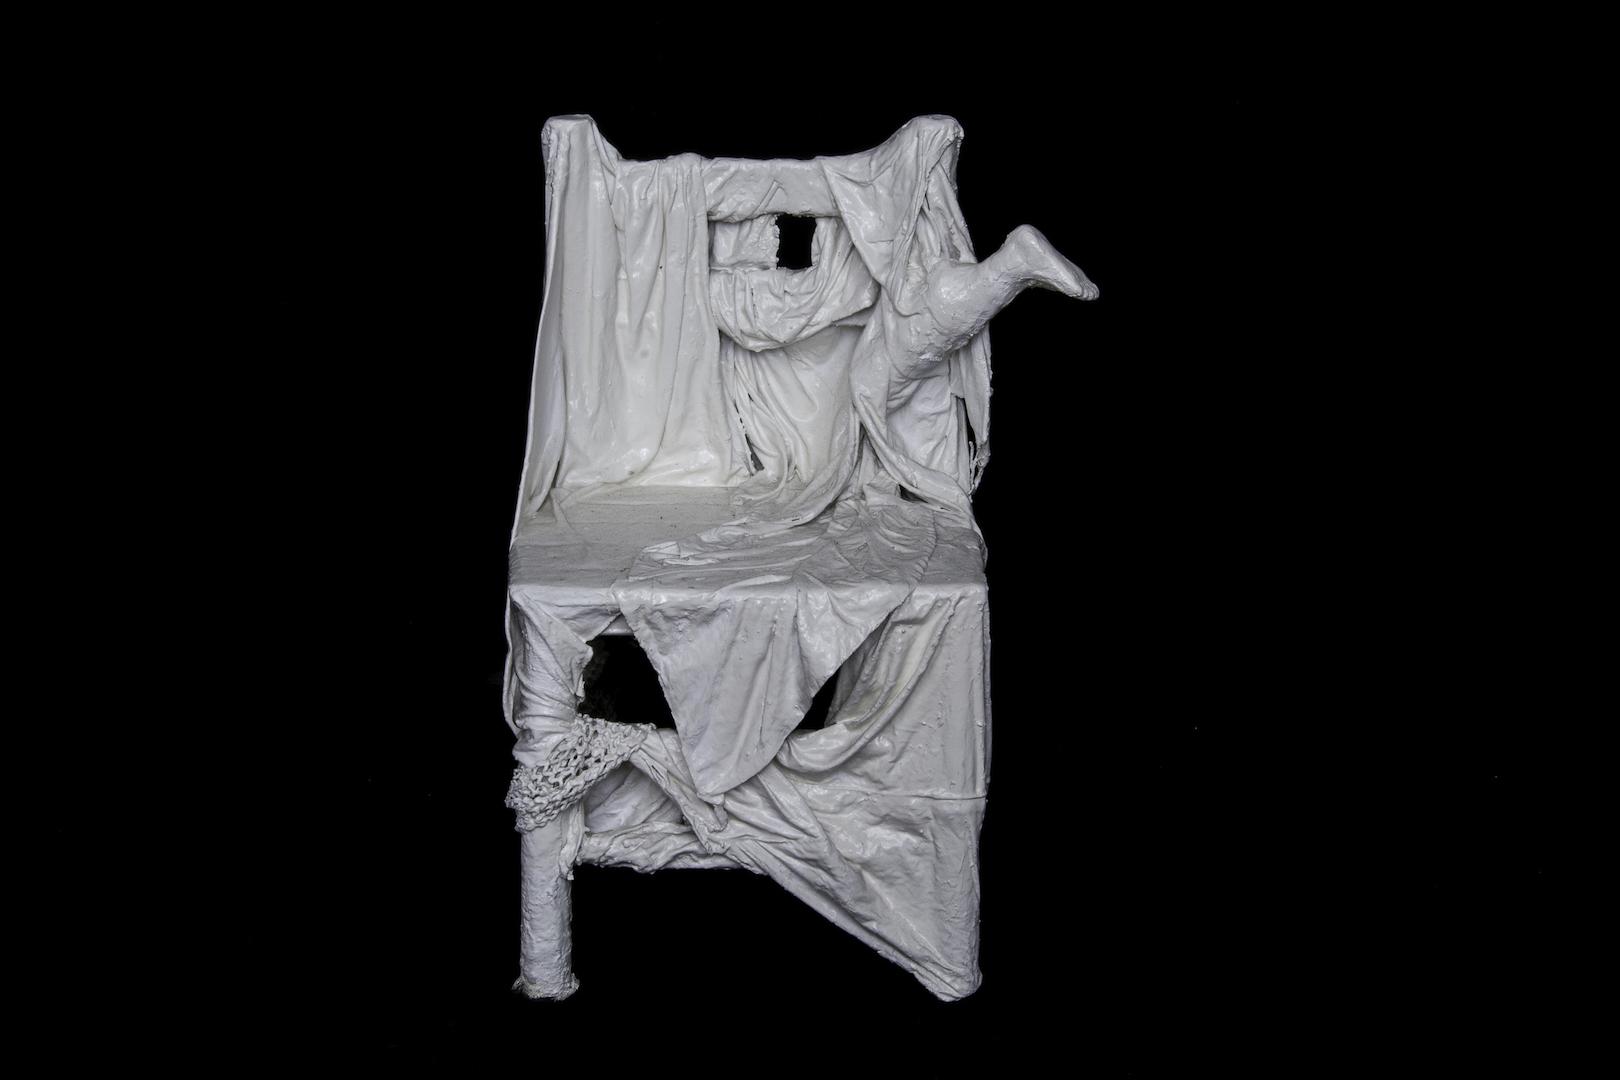 Voix brisée, chaise enfant (bois, tissus divers, plâtre, acrylique)